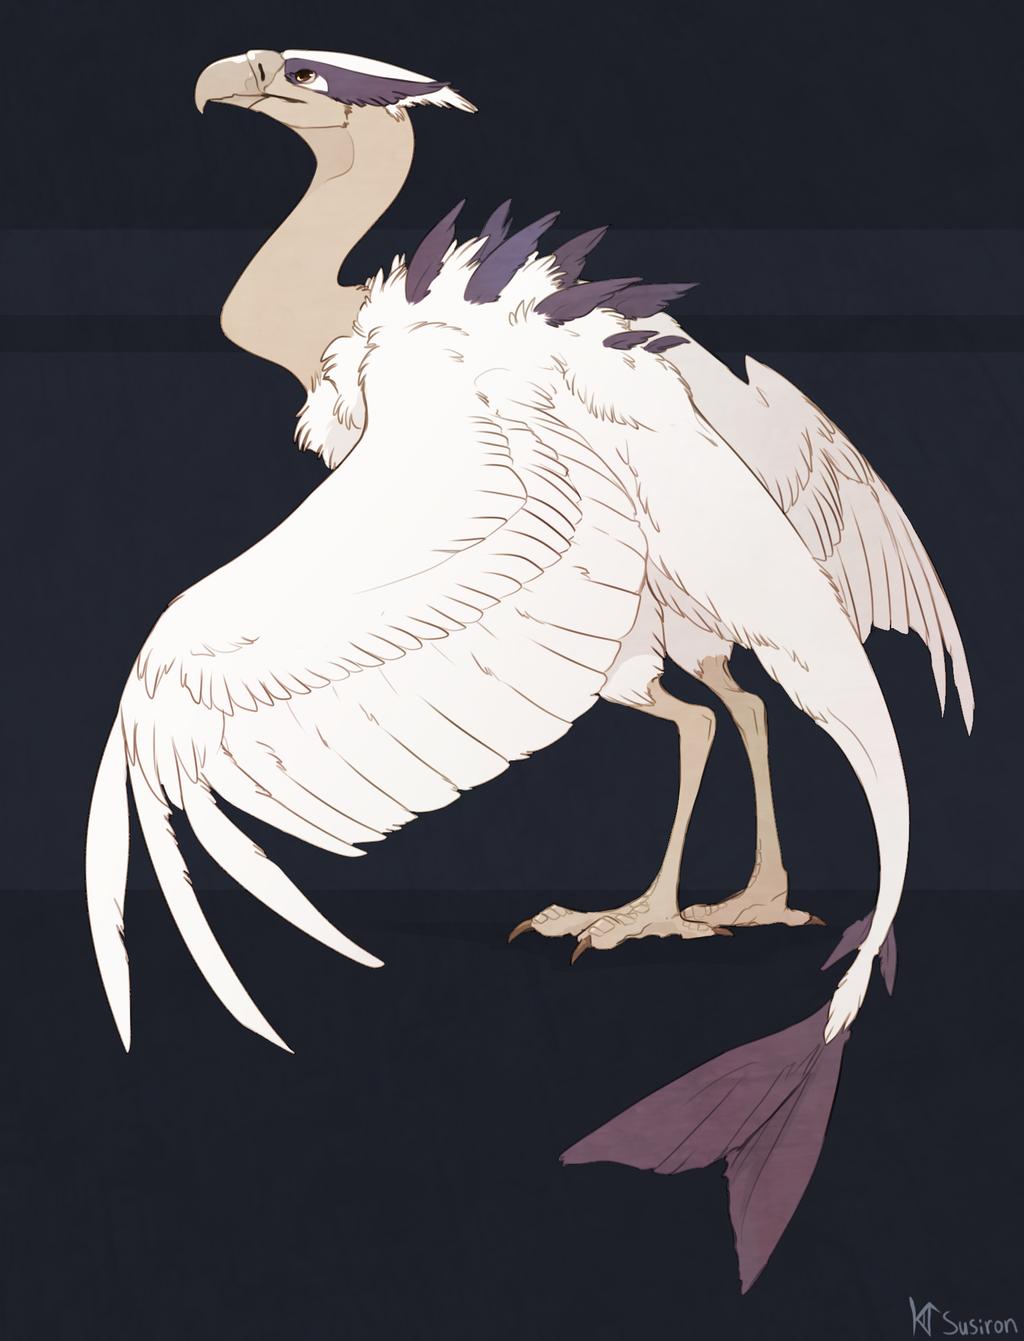 Vulture-esque Lugia